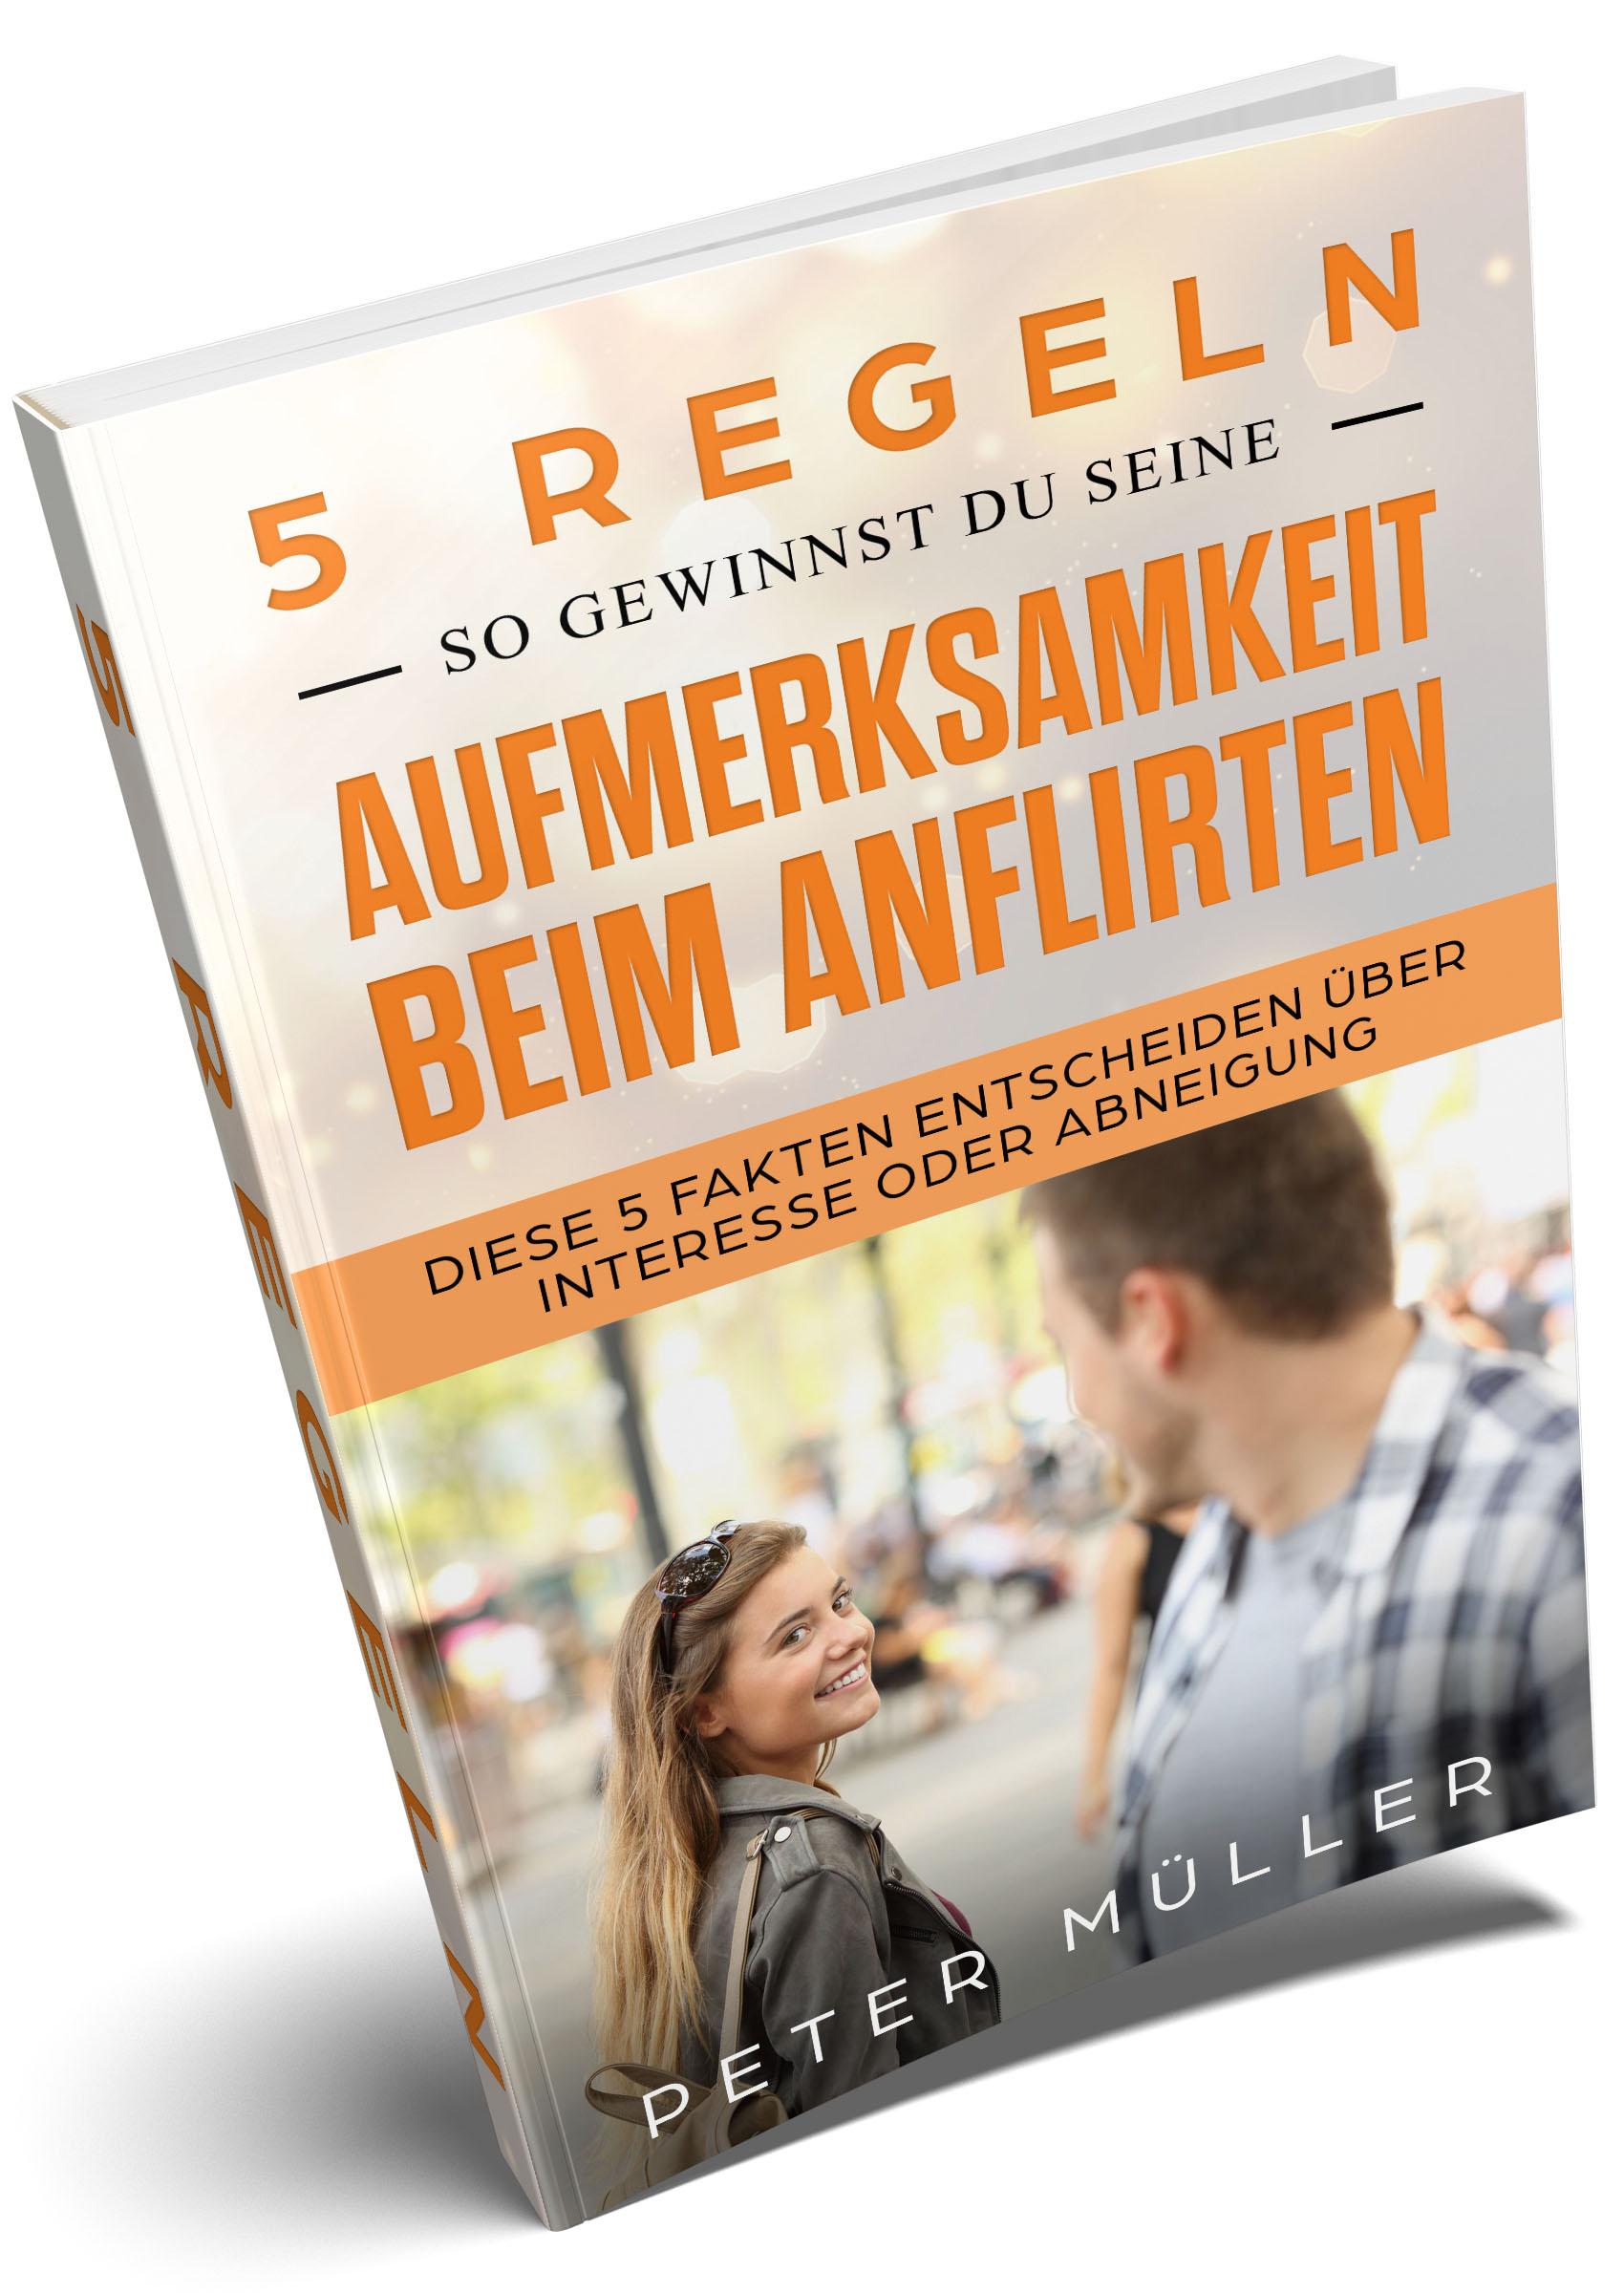 Flirten- 5 goldene regeln fur ein erfolgreiches date